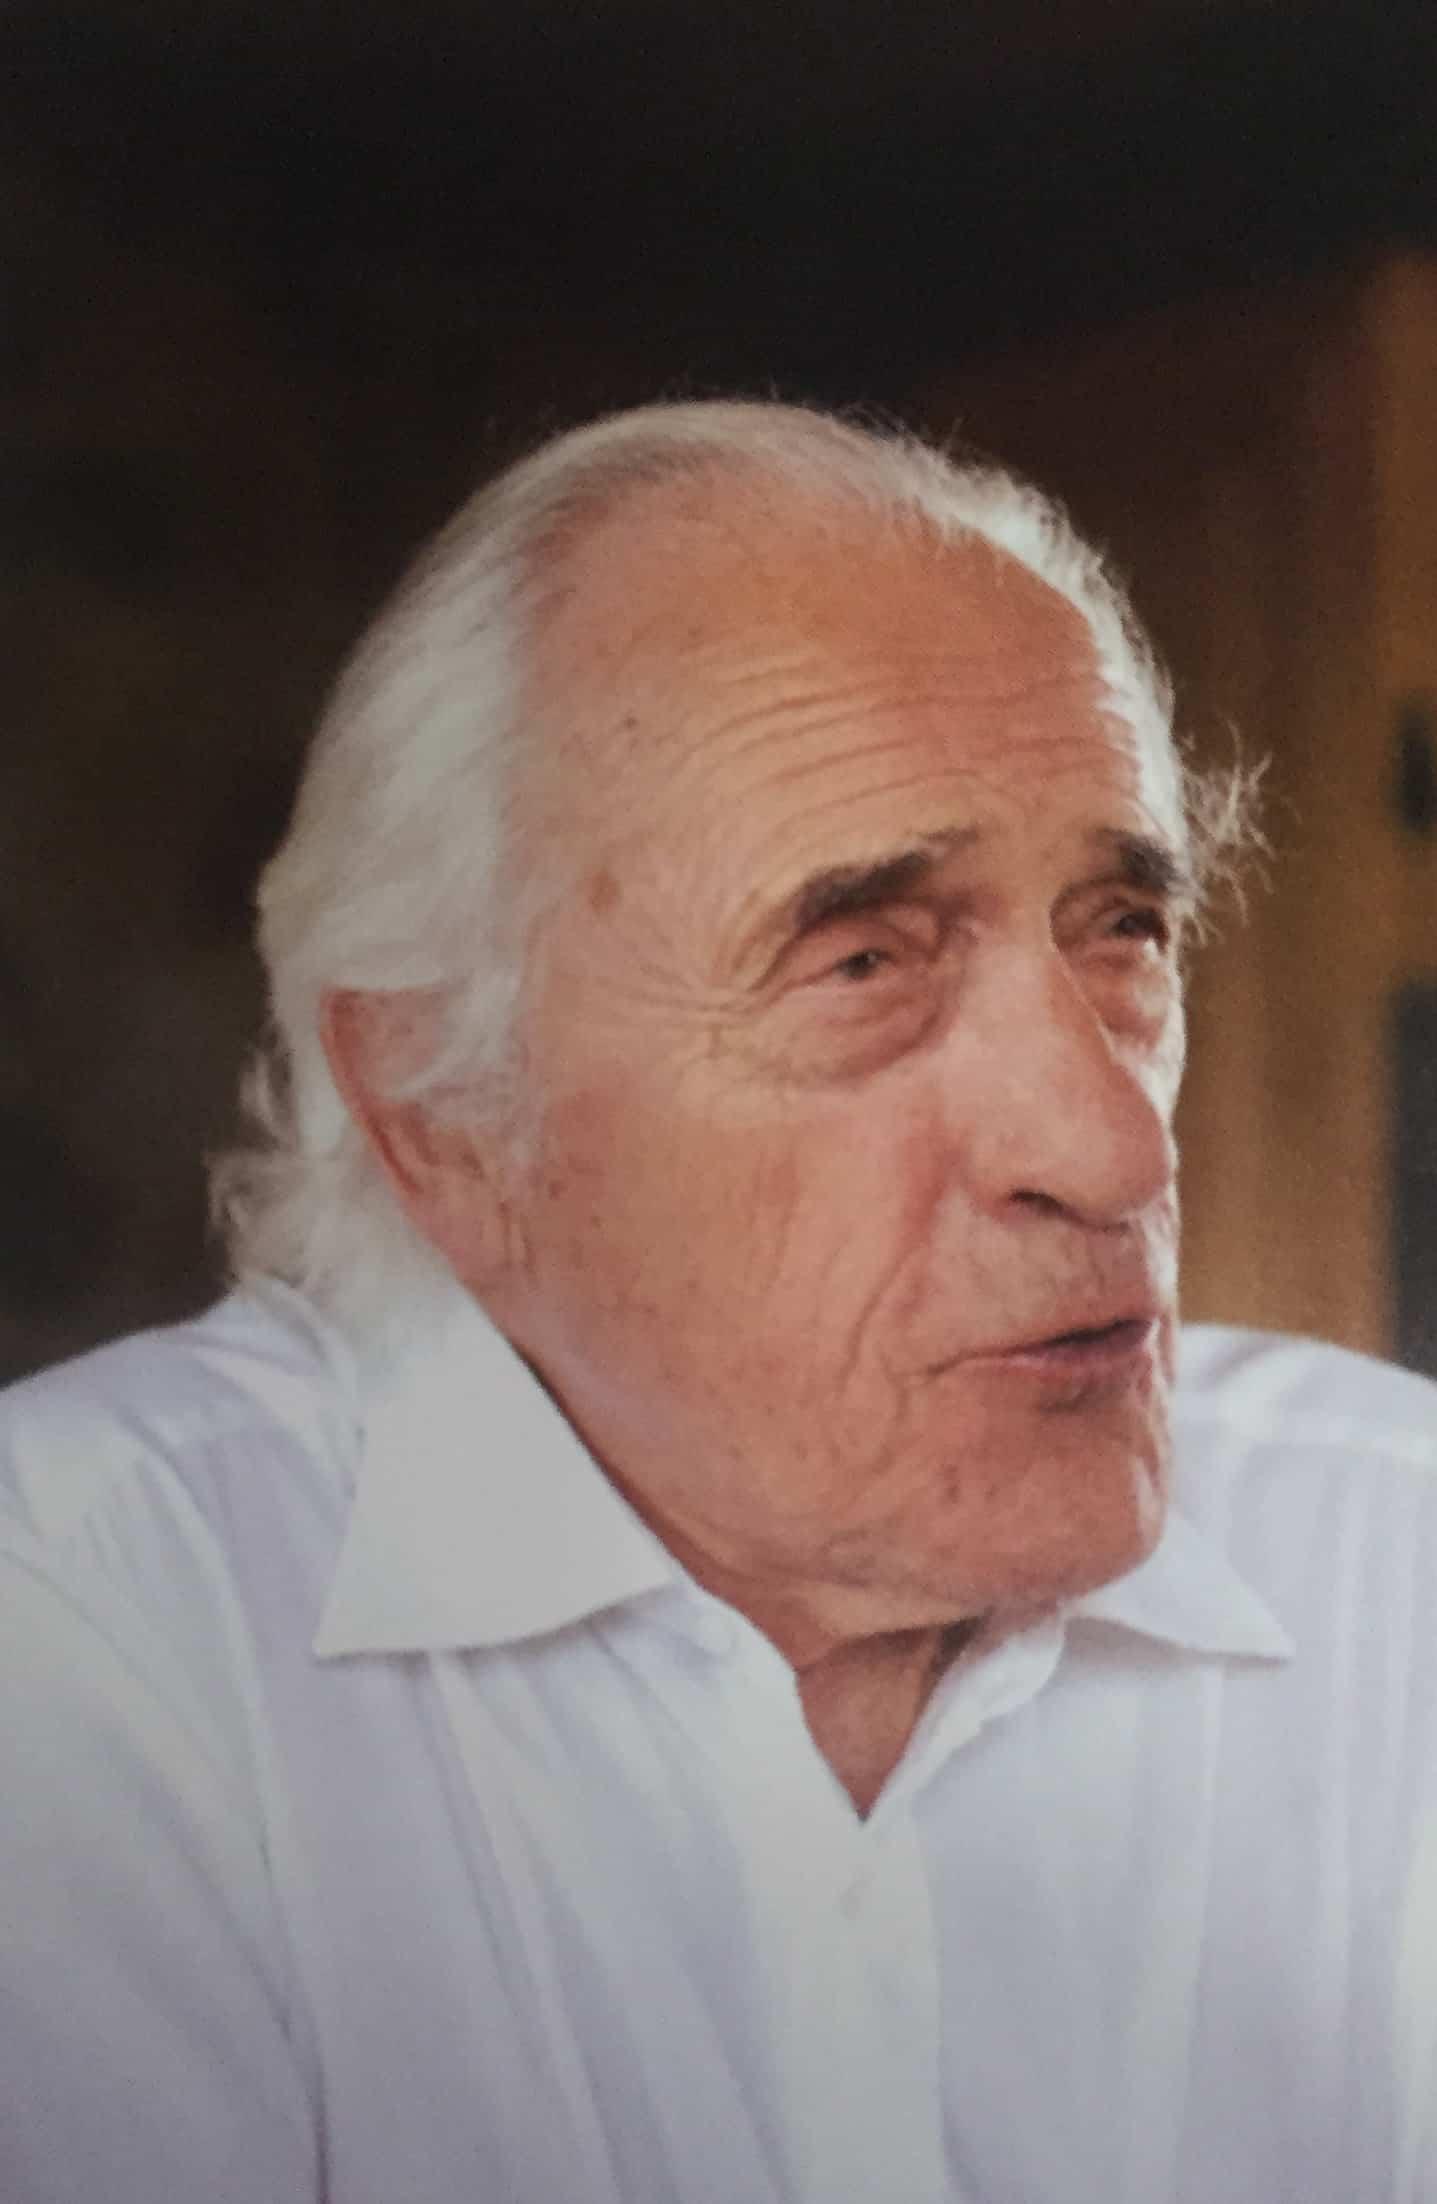 Der Unternehmer Ernest Schneider übernahm Breitling 1979